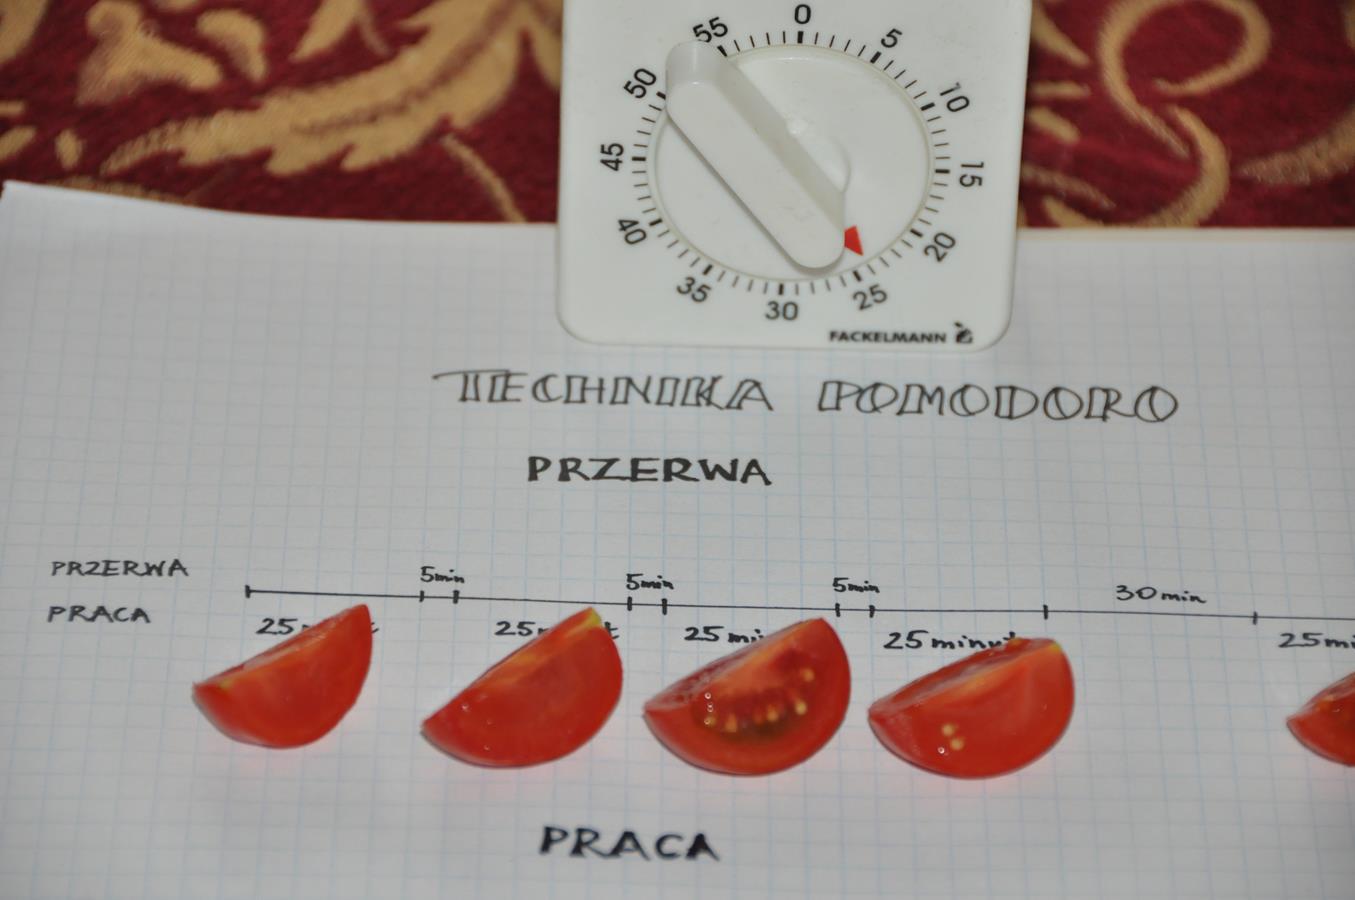 Nauka według Pomodoro